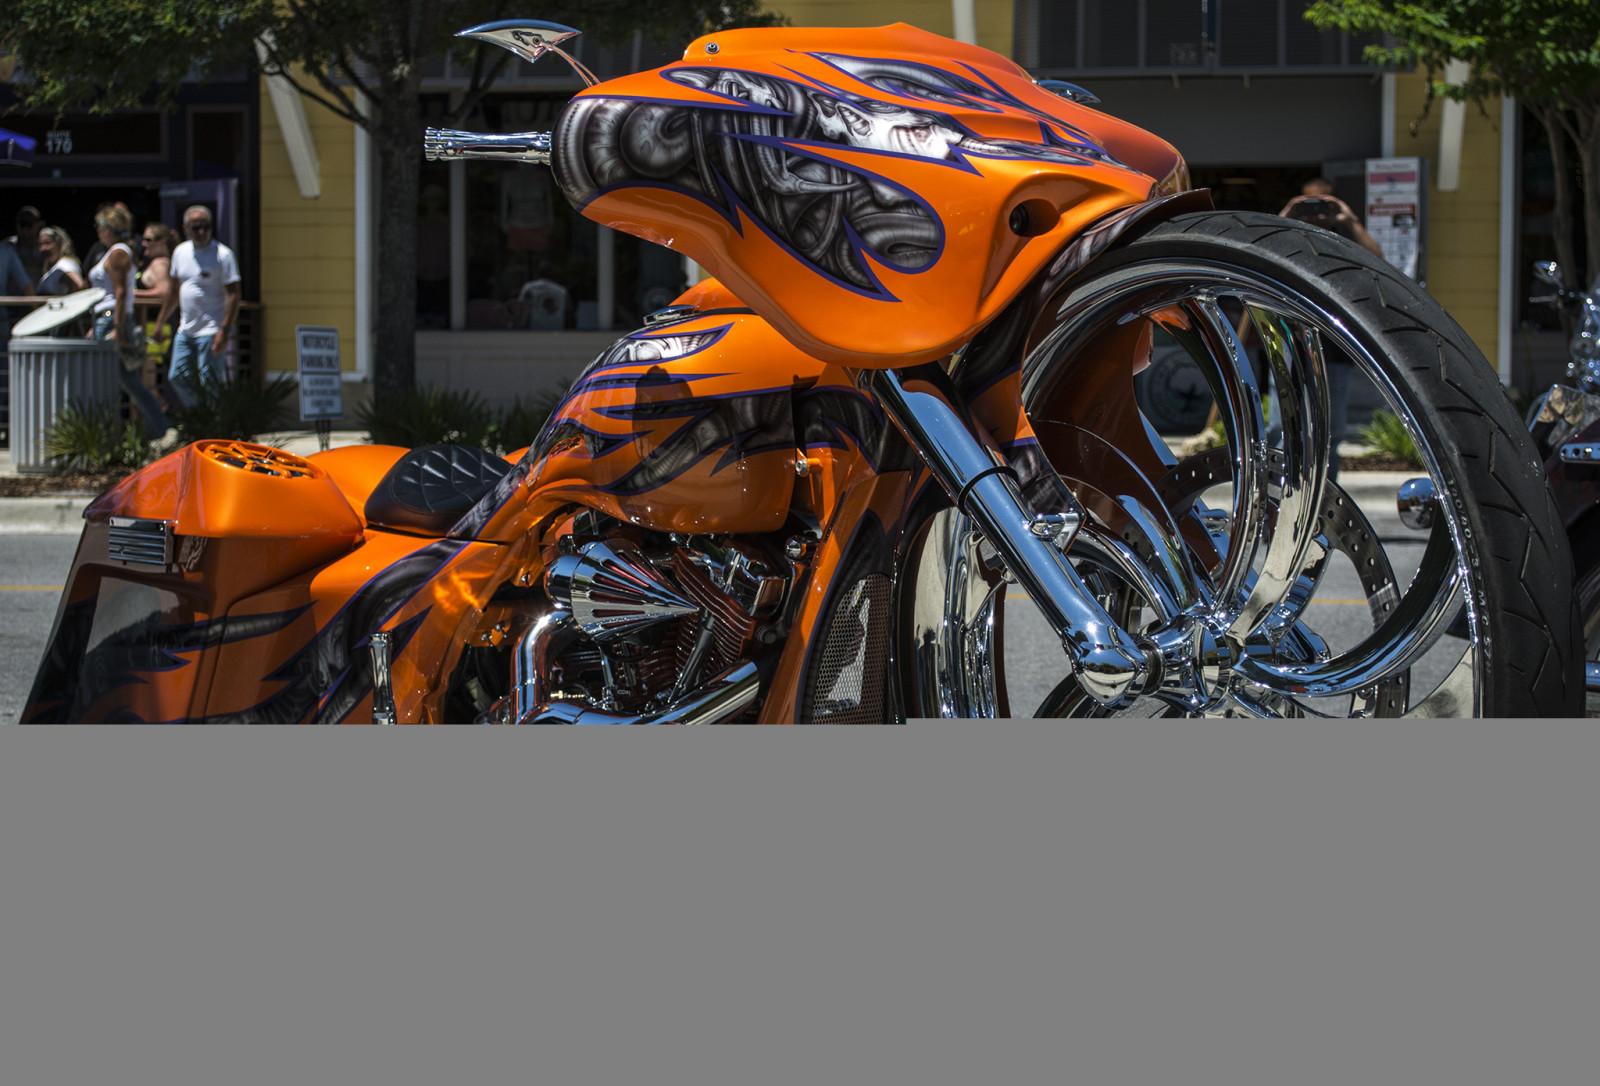 Wallpaper Bicycle Motorcycle Vehicle Orange Nikon